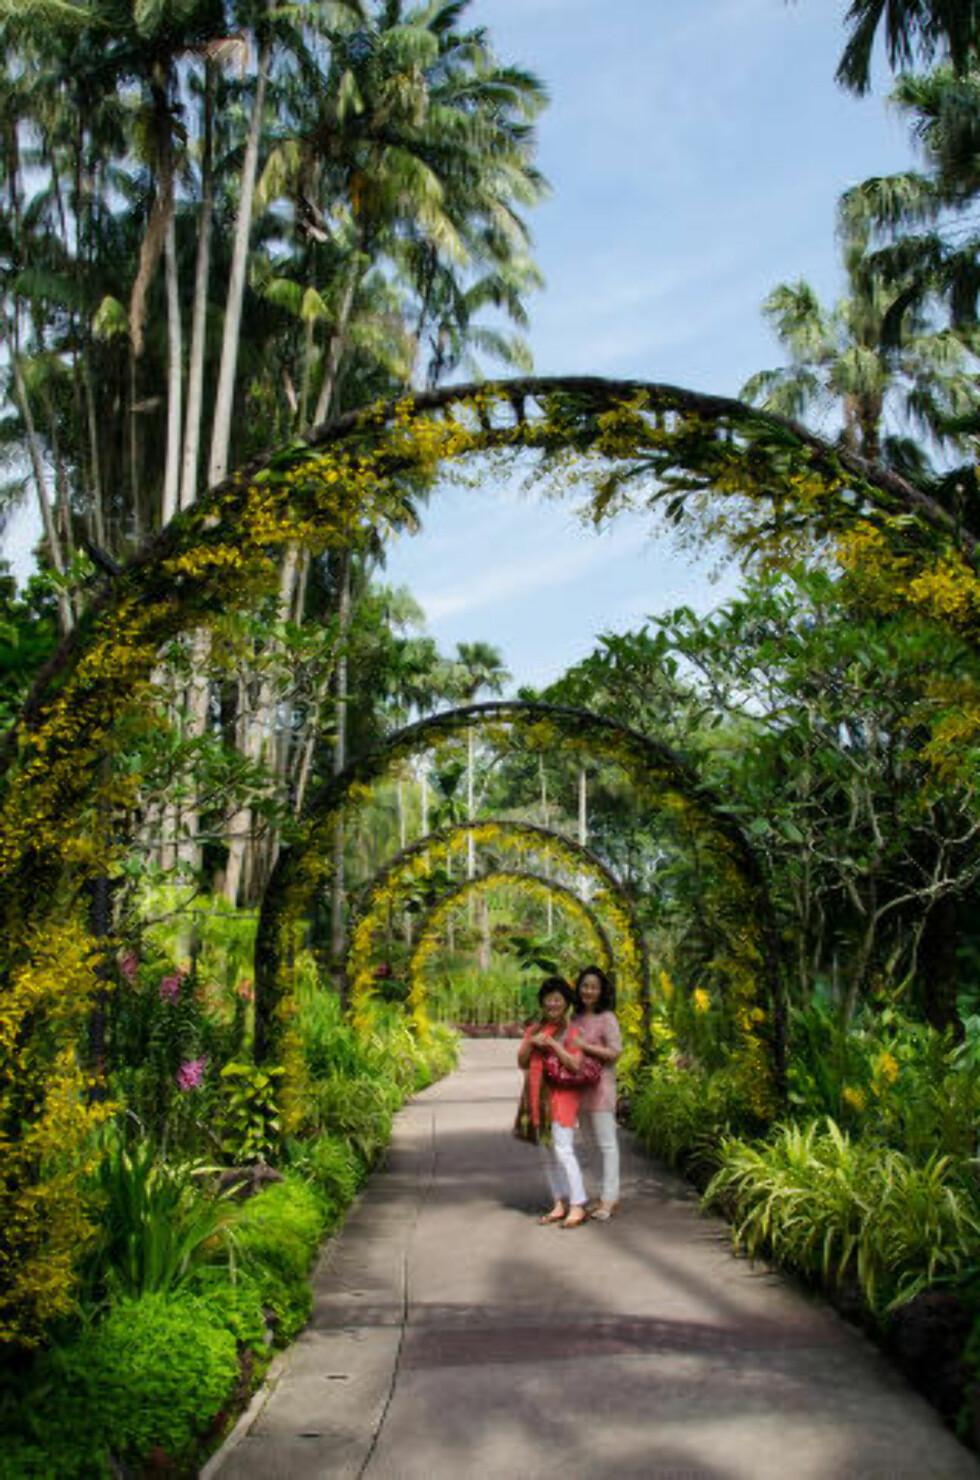 GRØNNE SINGAPORE: I den botaniske hagen kan du vandre mellom tusentalls orkidearter, eller slappe av under et tre og nyte den grønne oasen midt i millionbyen. Foto: MARI BAREKSTEN